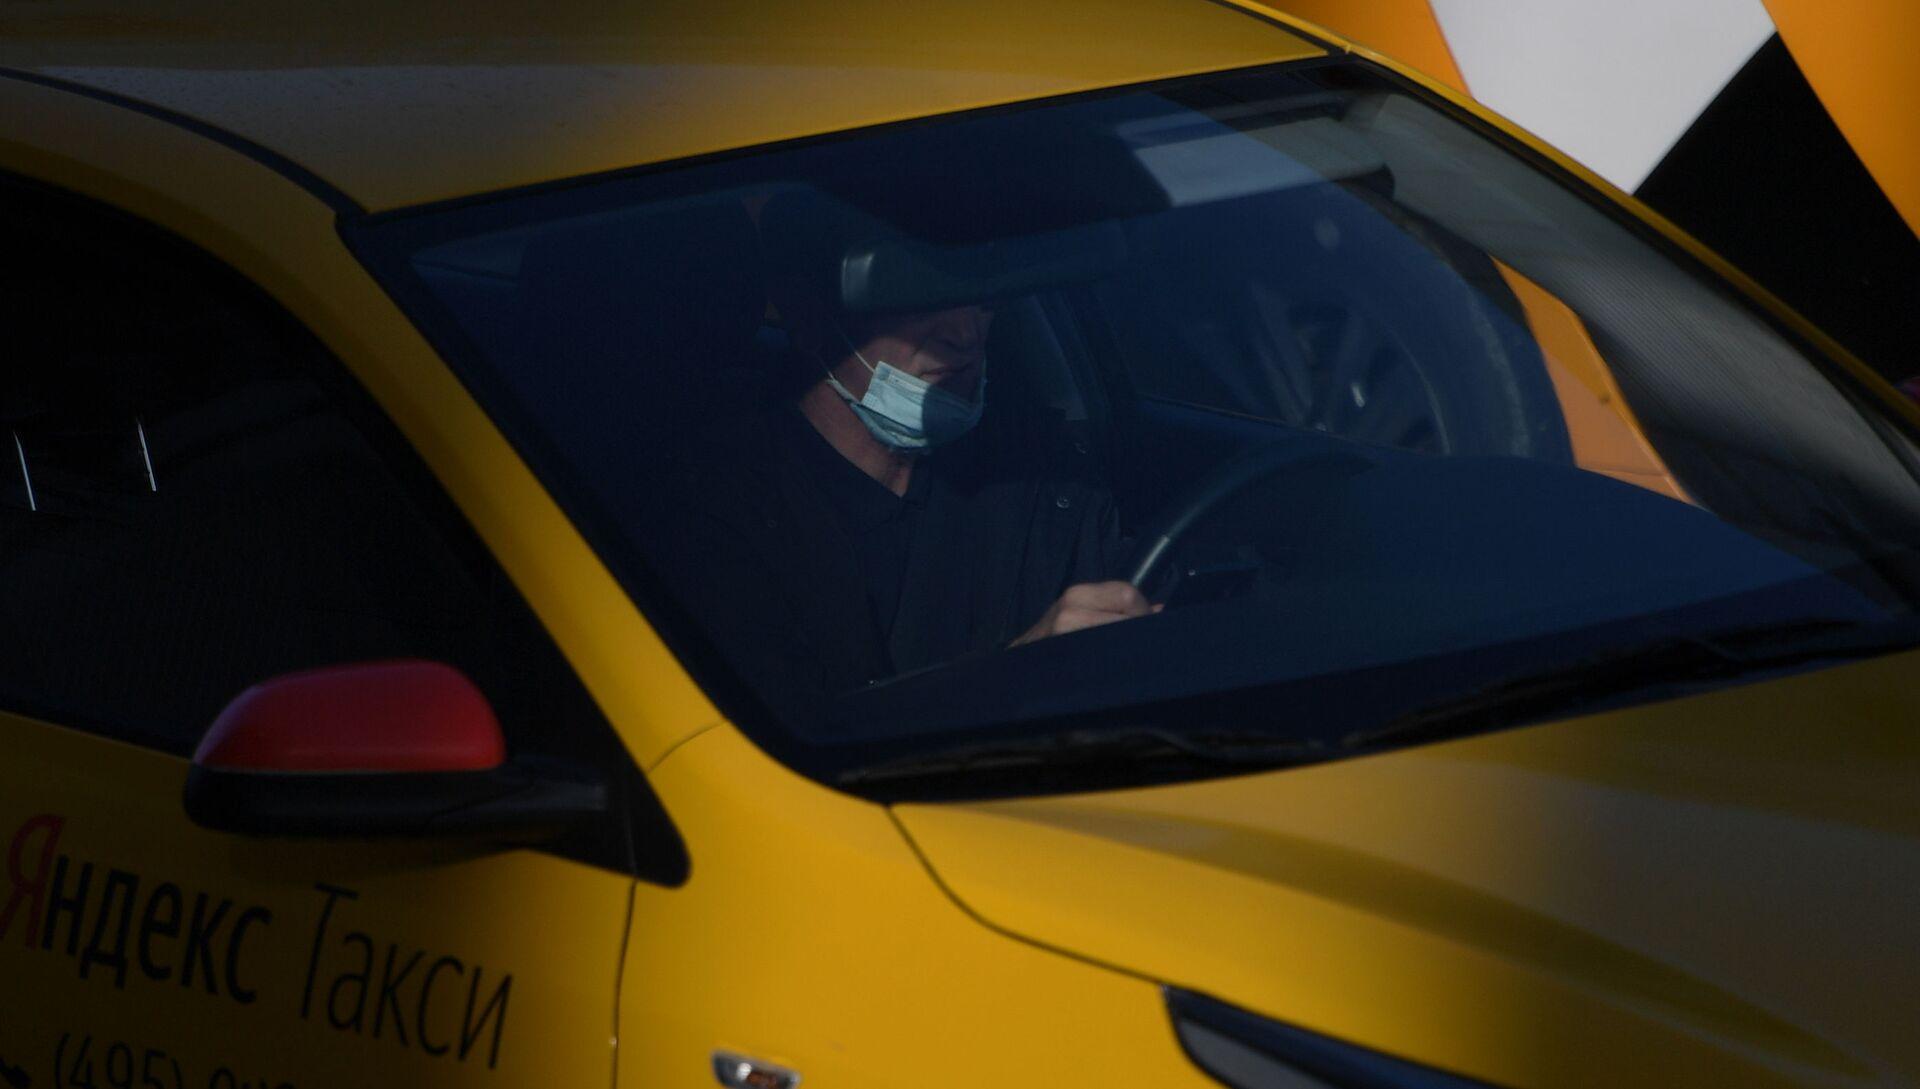 Водитель в защитной маске за рулем такси на одной из улиц - РИА Новости, 1920, 05.08.2021